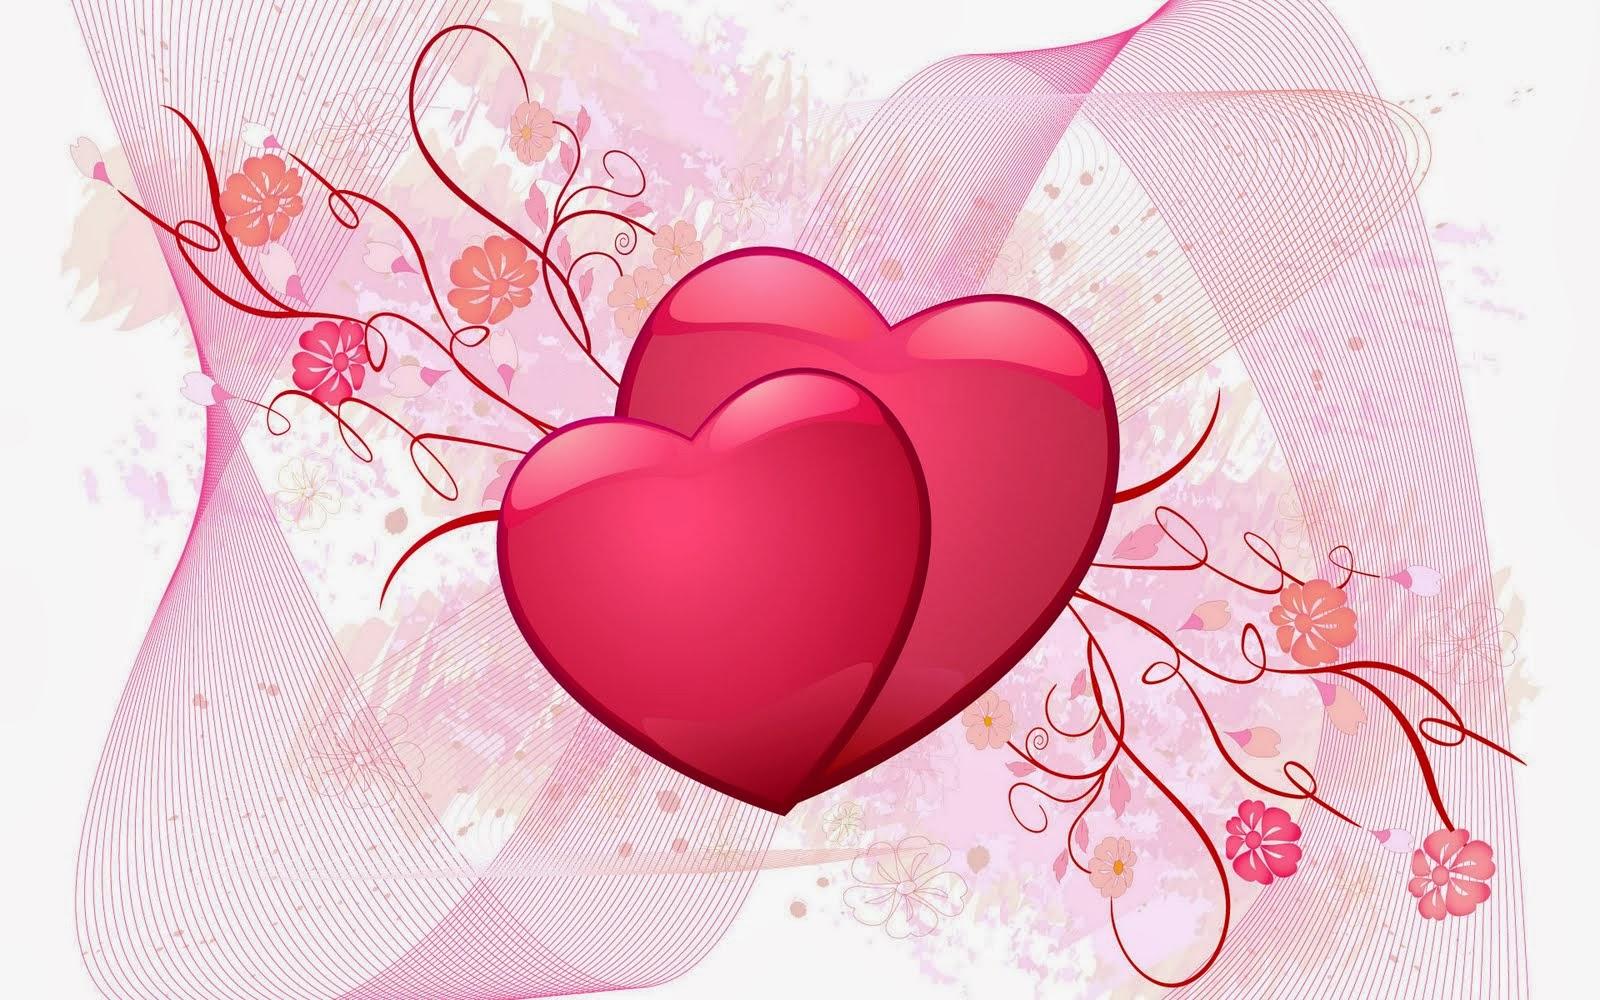 Puisi cinta romantis, puisi cinta sedih, puisi cinta sejati, puisi